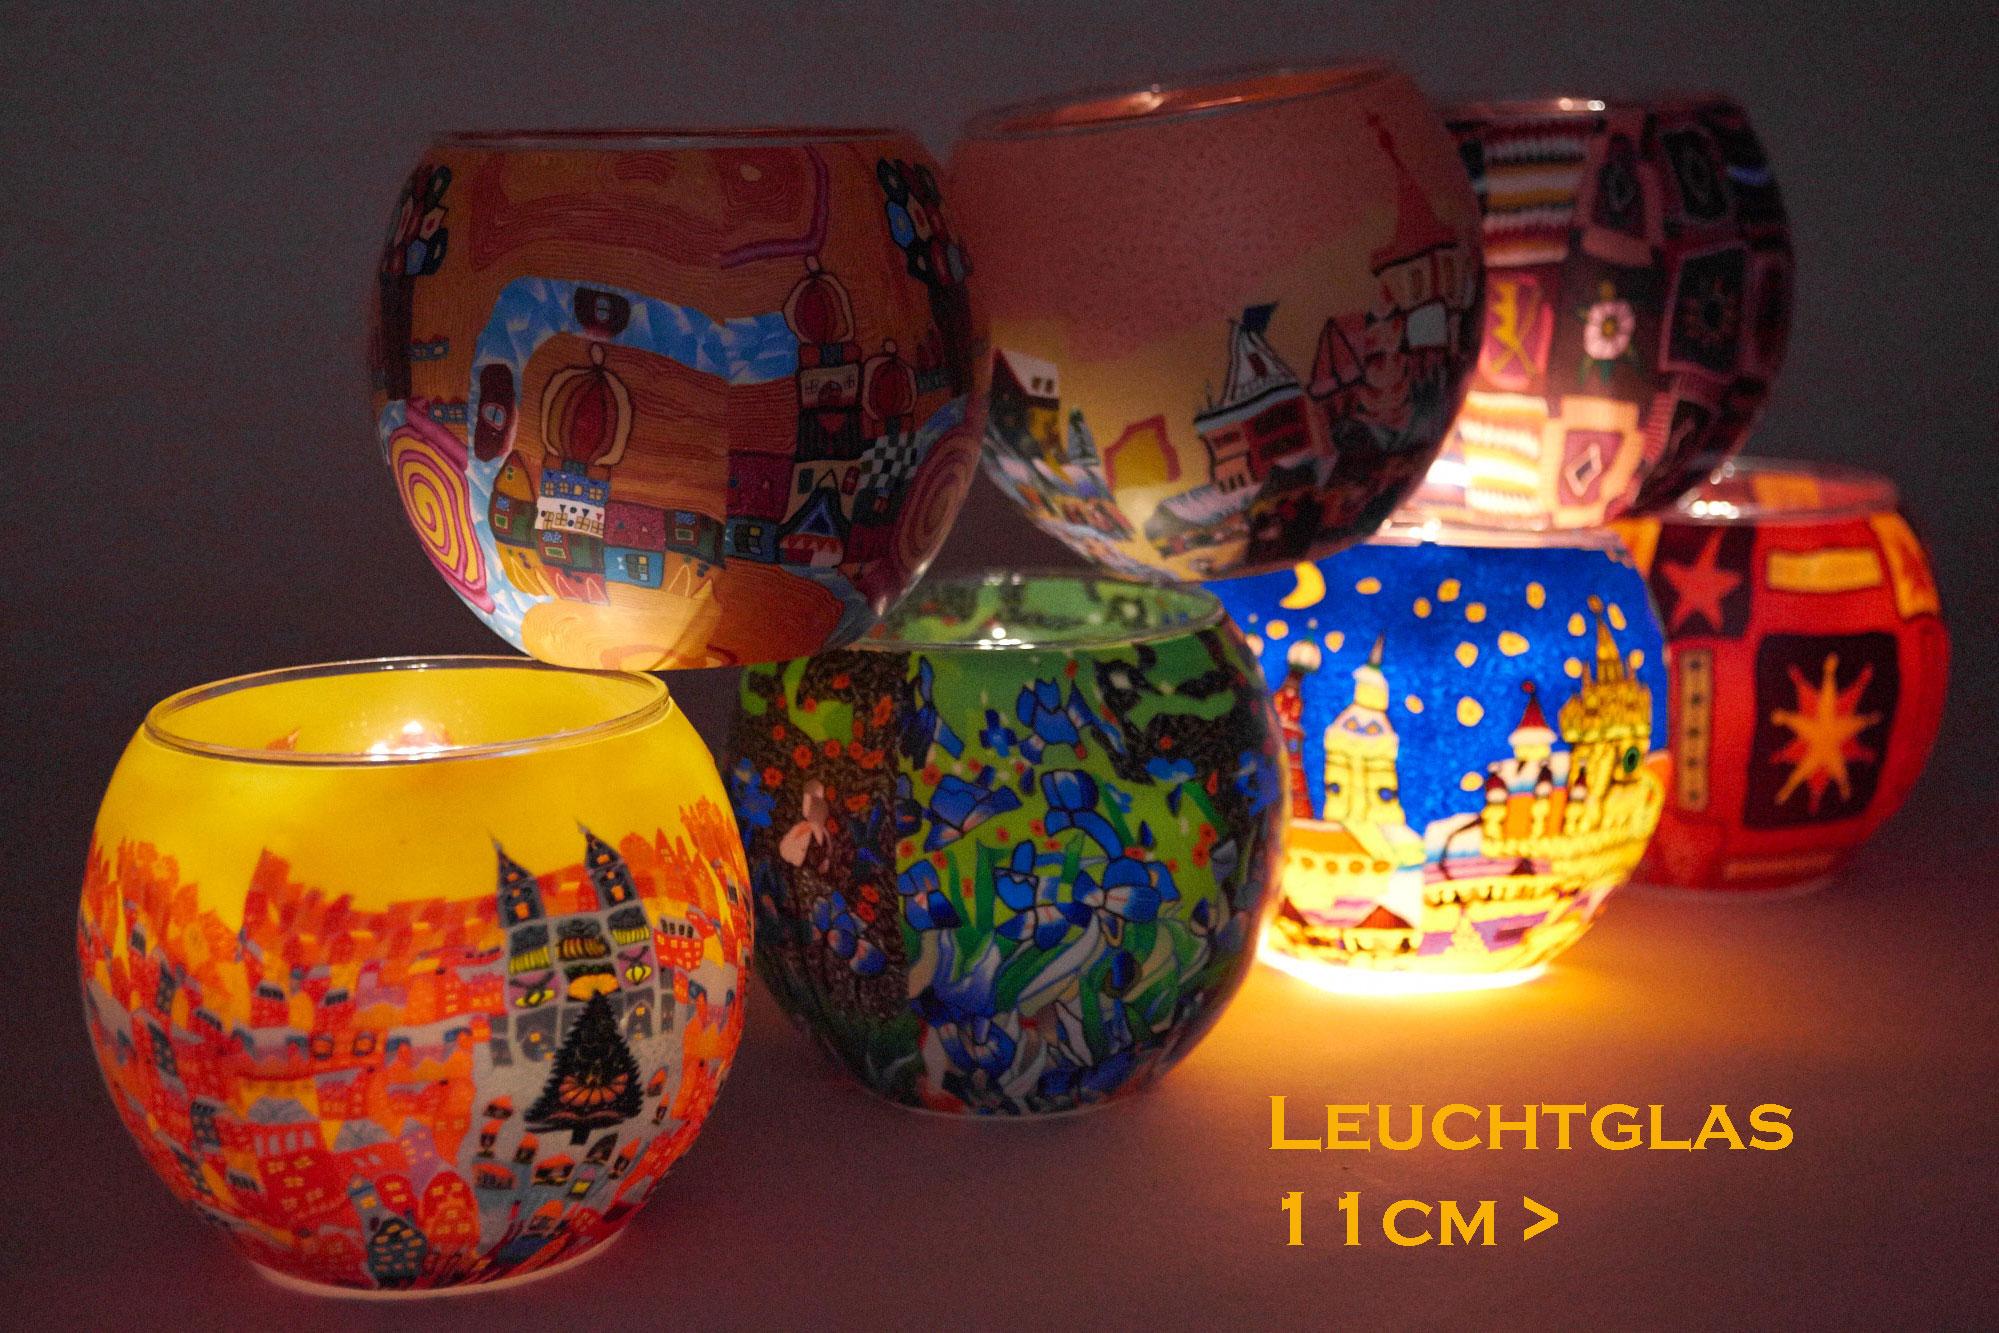 hellmann versand leuchtglas 11cm